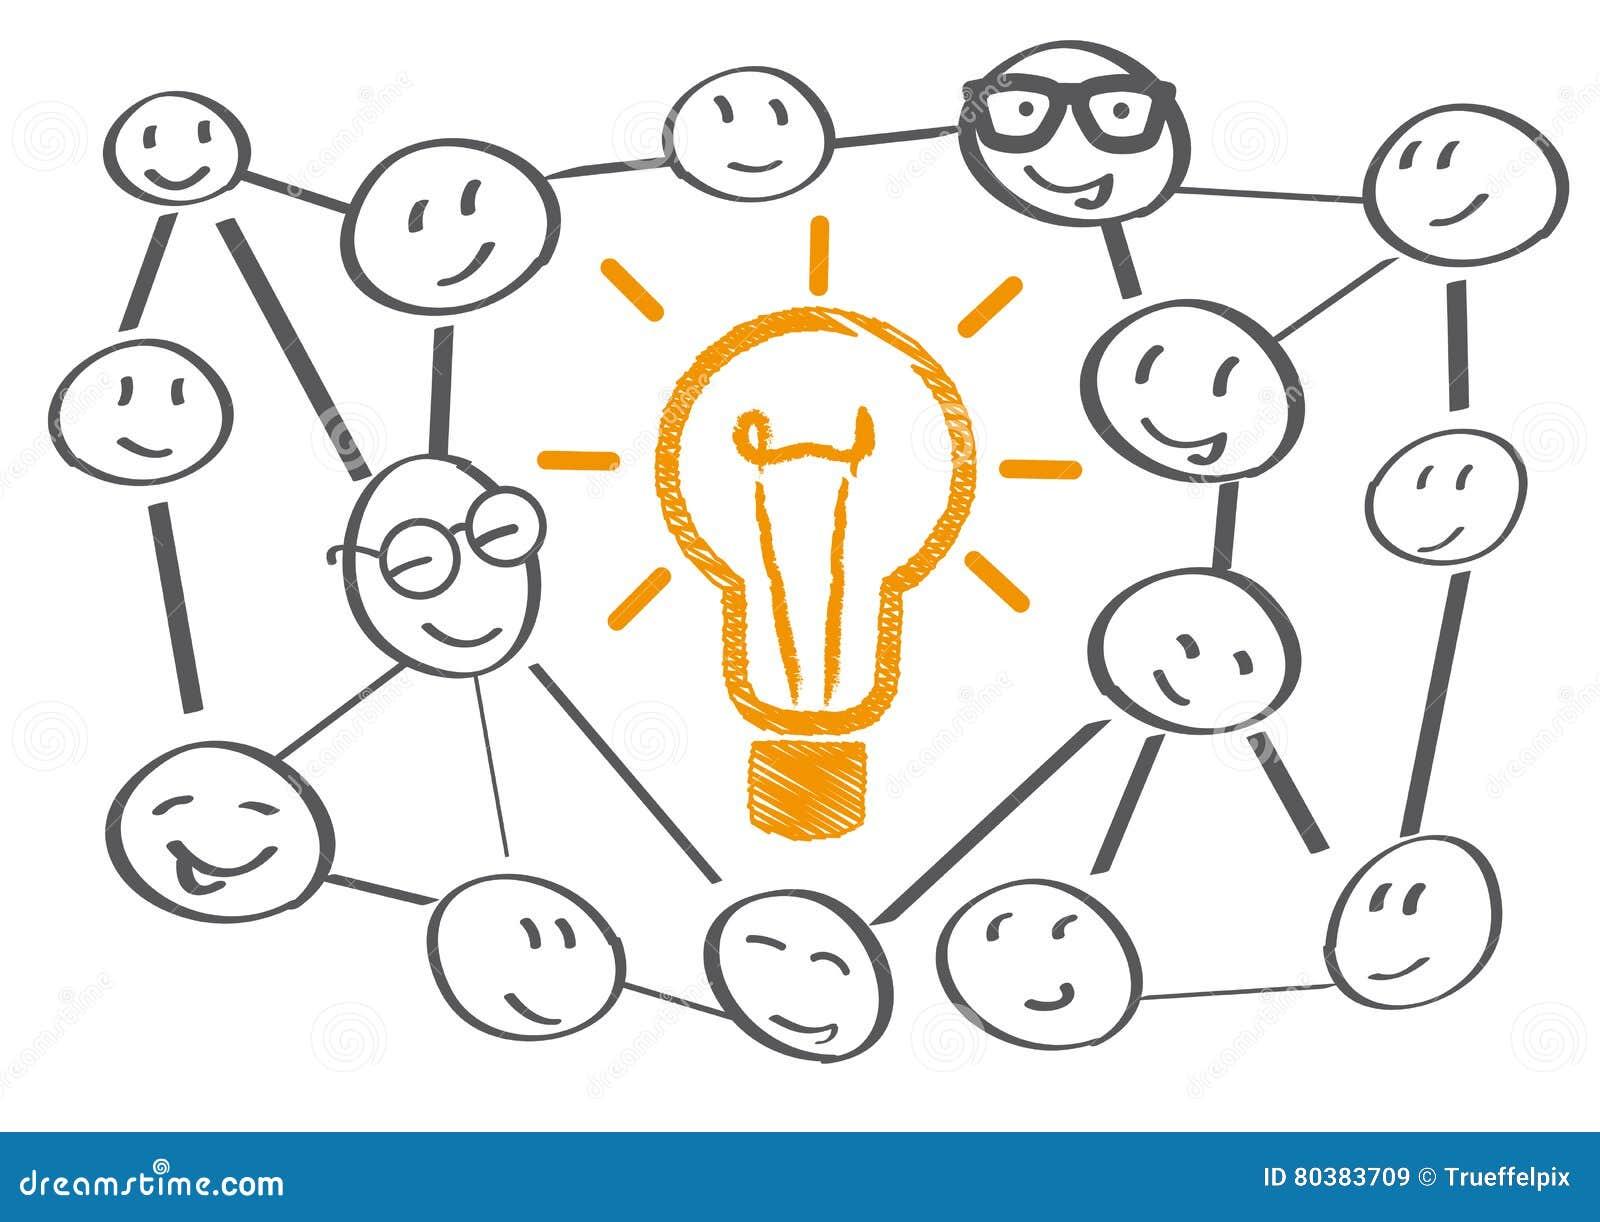 Teamworking brainstorming